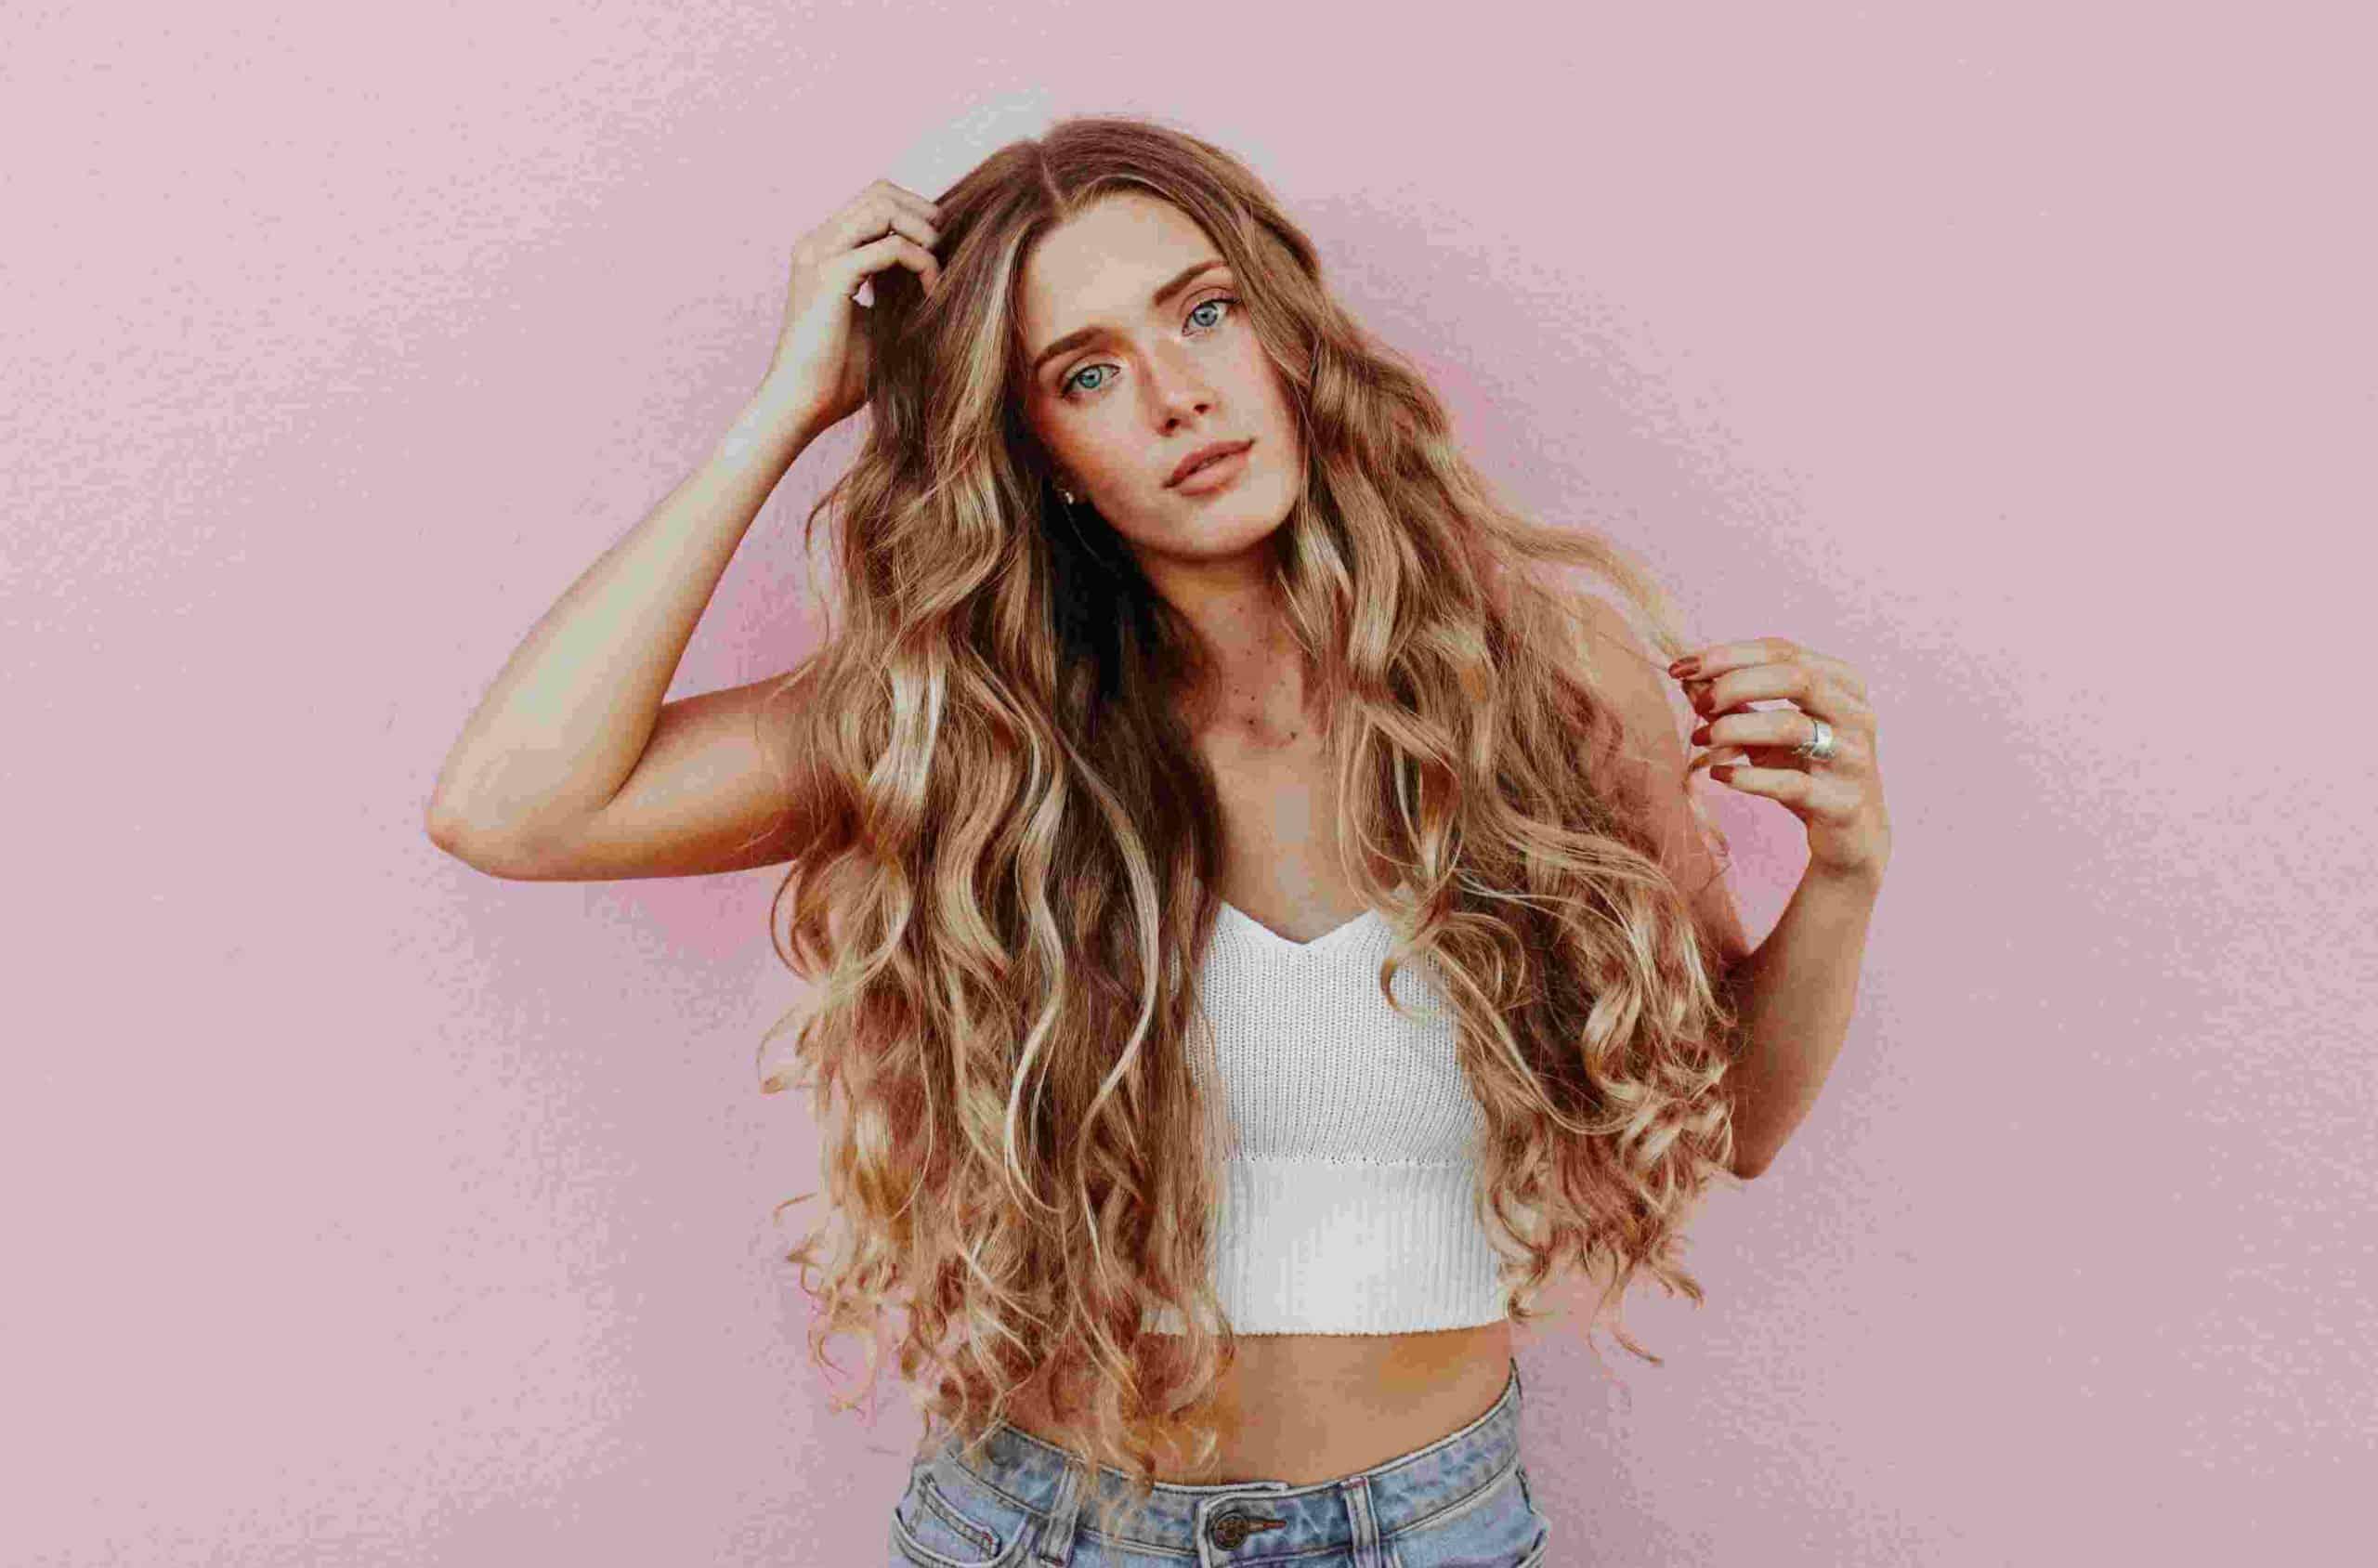 Τα μαλλιά, όπως και το υπόλοιπο σώμα μας, χρειάζονται φροντίδα προκειμένου να παραμείνουν λαμπερά και υγιή.